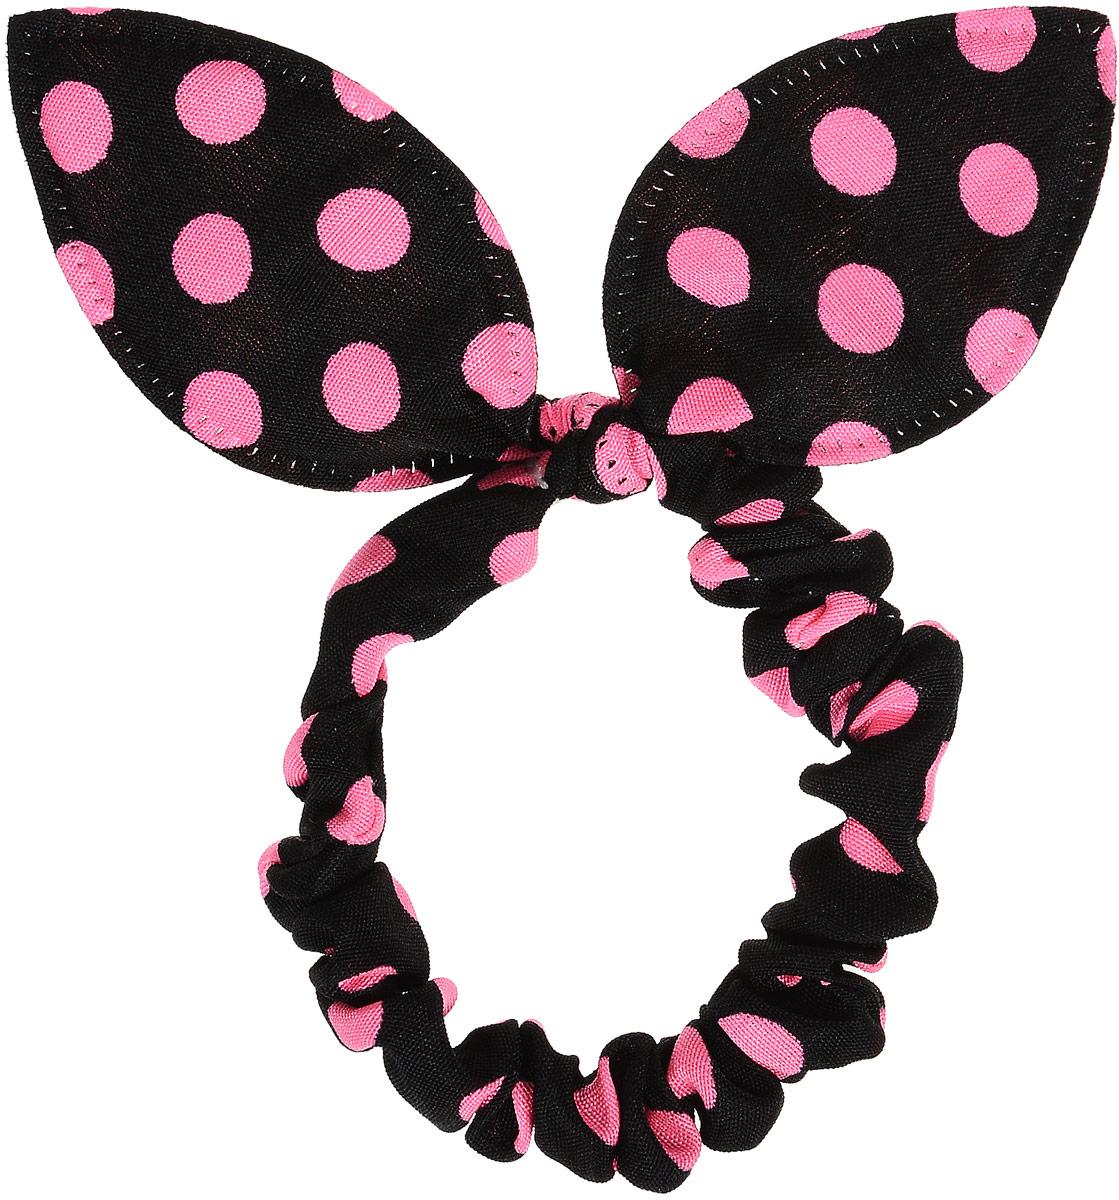 Magic Leverage Резинка для волос, цвет: черный, розовыйрг_черный, розовыйСтильная резинка для волос Magic Leverage подчеркнет красоту вашей прически. Резинка выполнена из мягкого текстильного материала и оформлена стильным принтом в горох, а также дополнена оригинальным бантиком, который будет великолепно смотреться в ваших волосах.С помощью такой резинки вы сможете создать множество оригинальных причесок. Яркость и удобство резинки для волос делают ее практичным и модным аксессуаром.